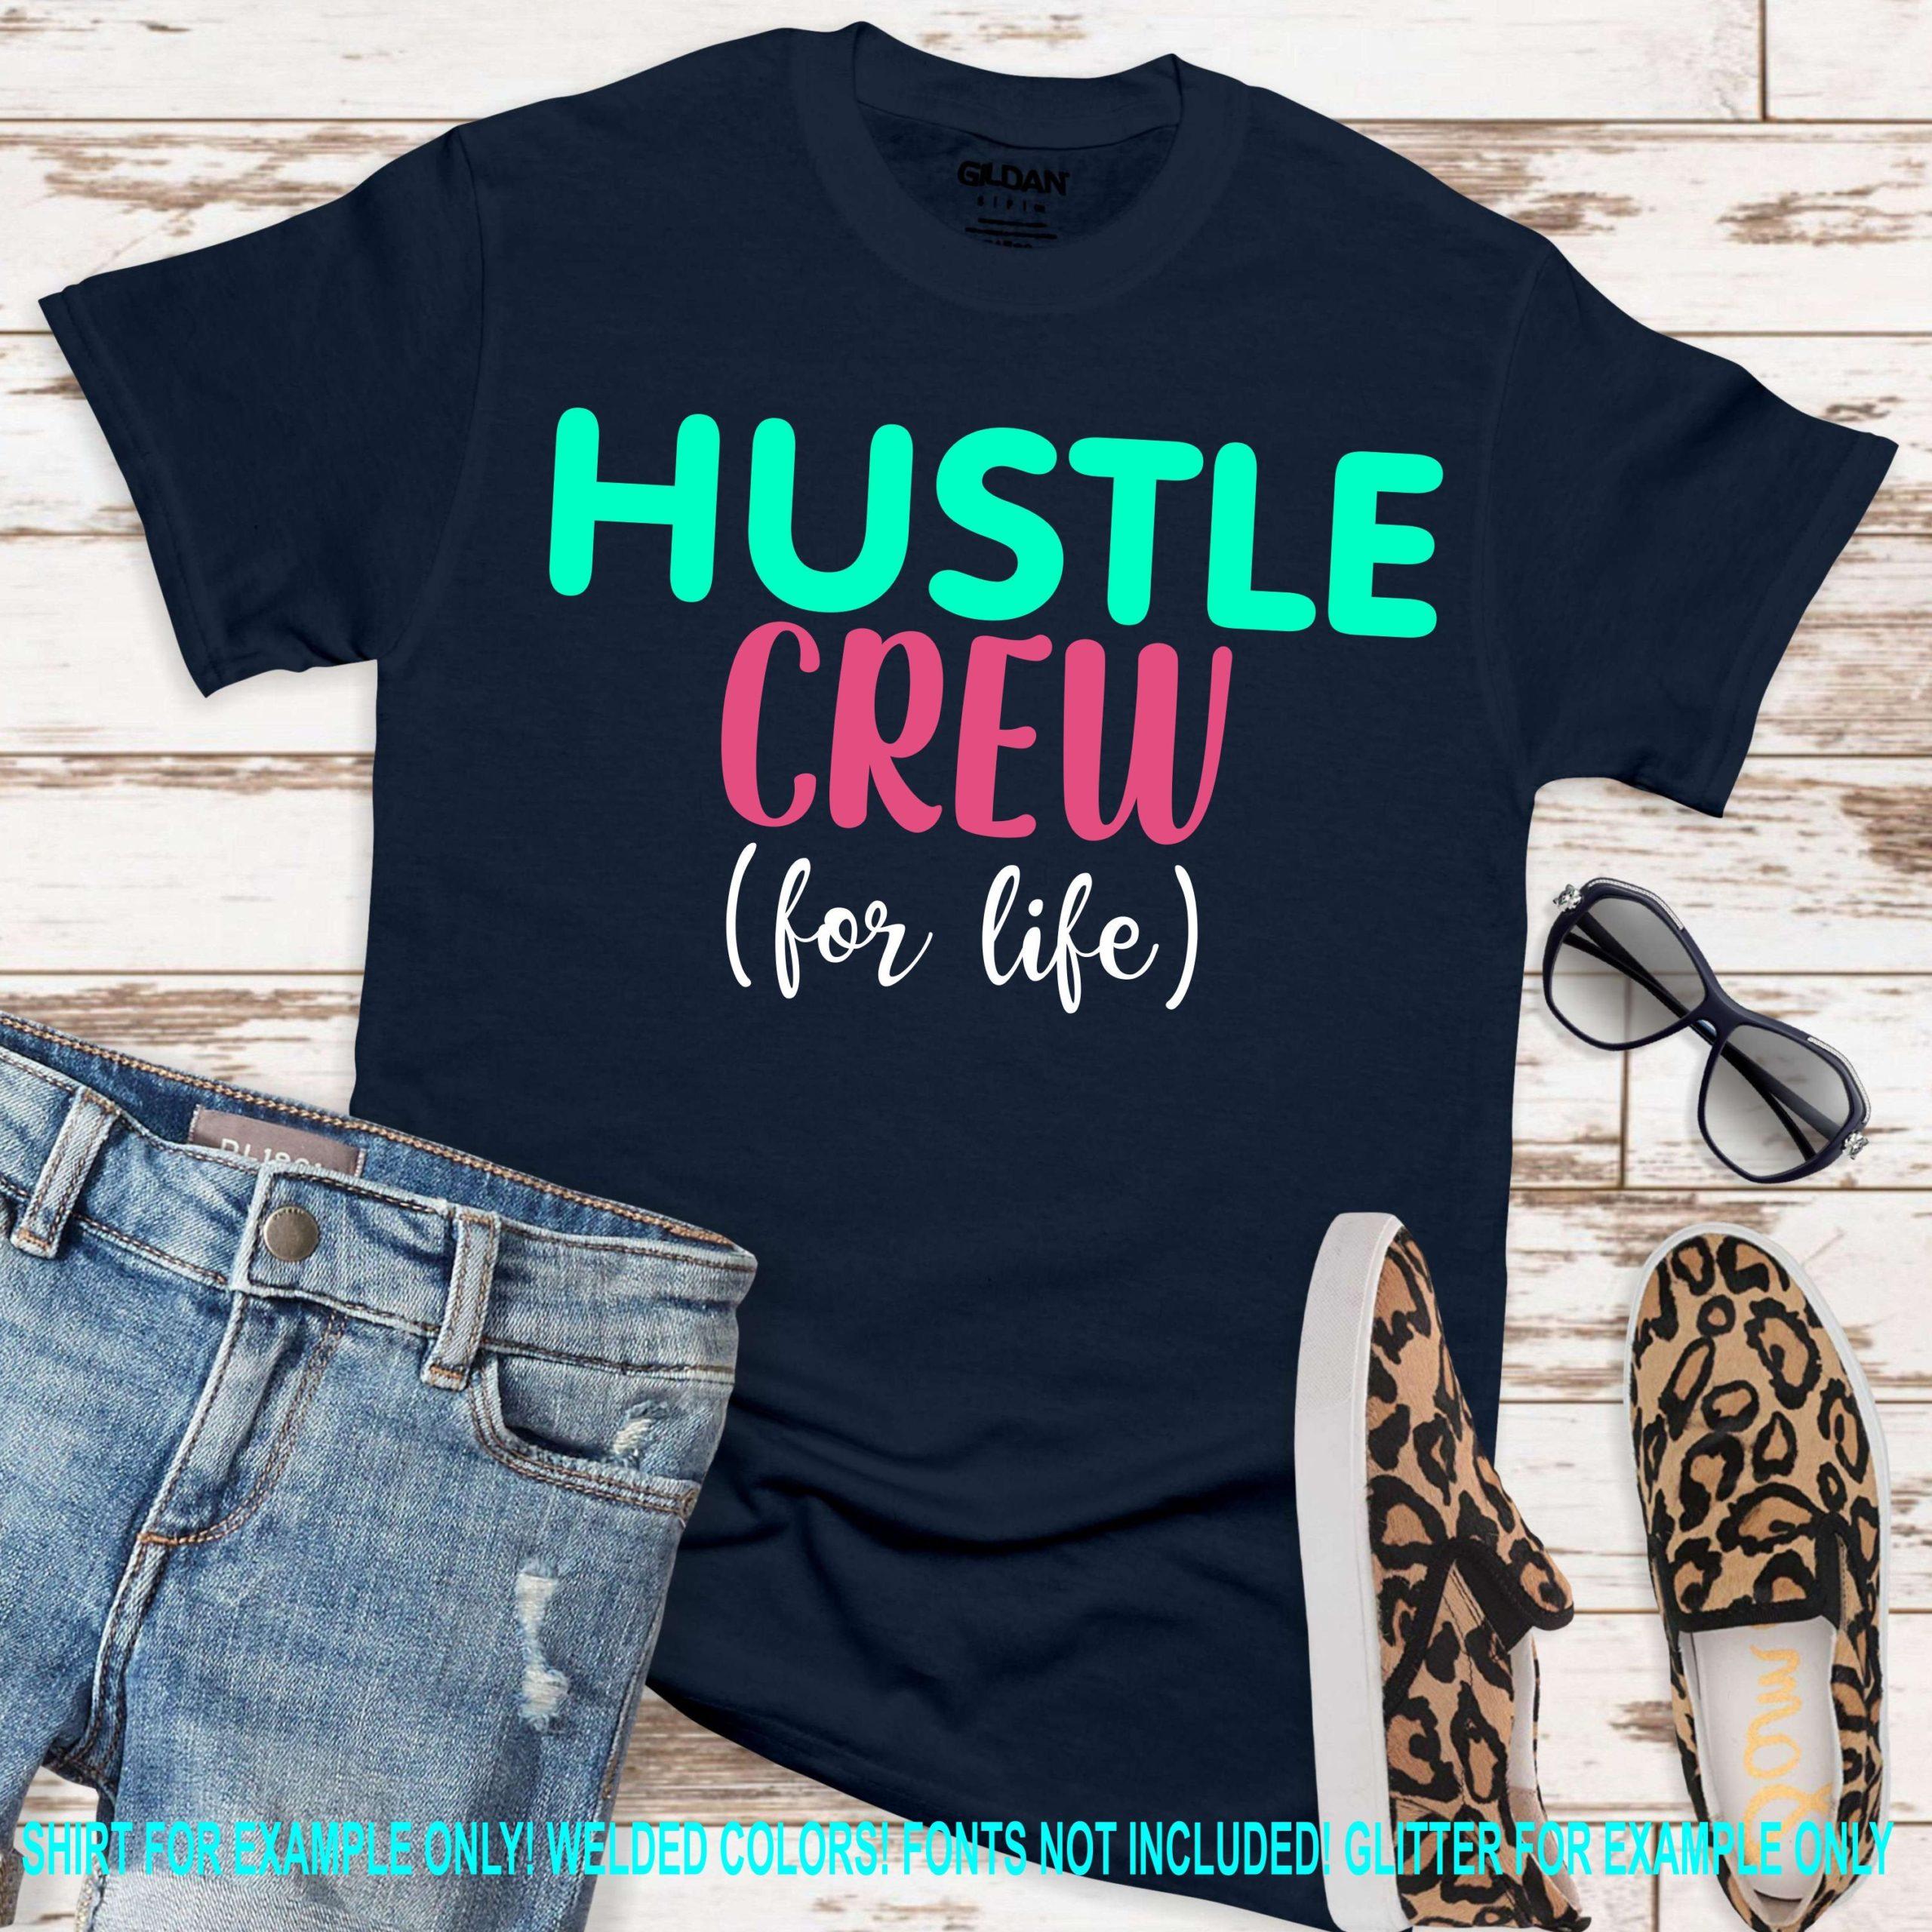 Hustle-crew-svghustle-crew-for-life-svgcrew-svgcrew-svgfamily-svg-designs-cuttable-svg-designs-cuttable-cut-file-cricut-svg-60512f81